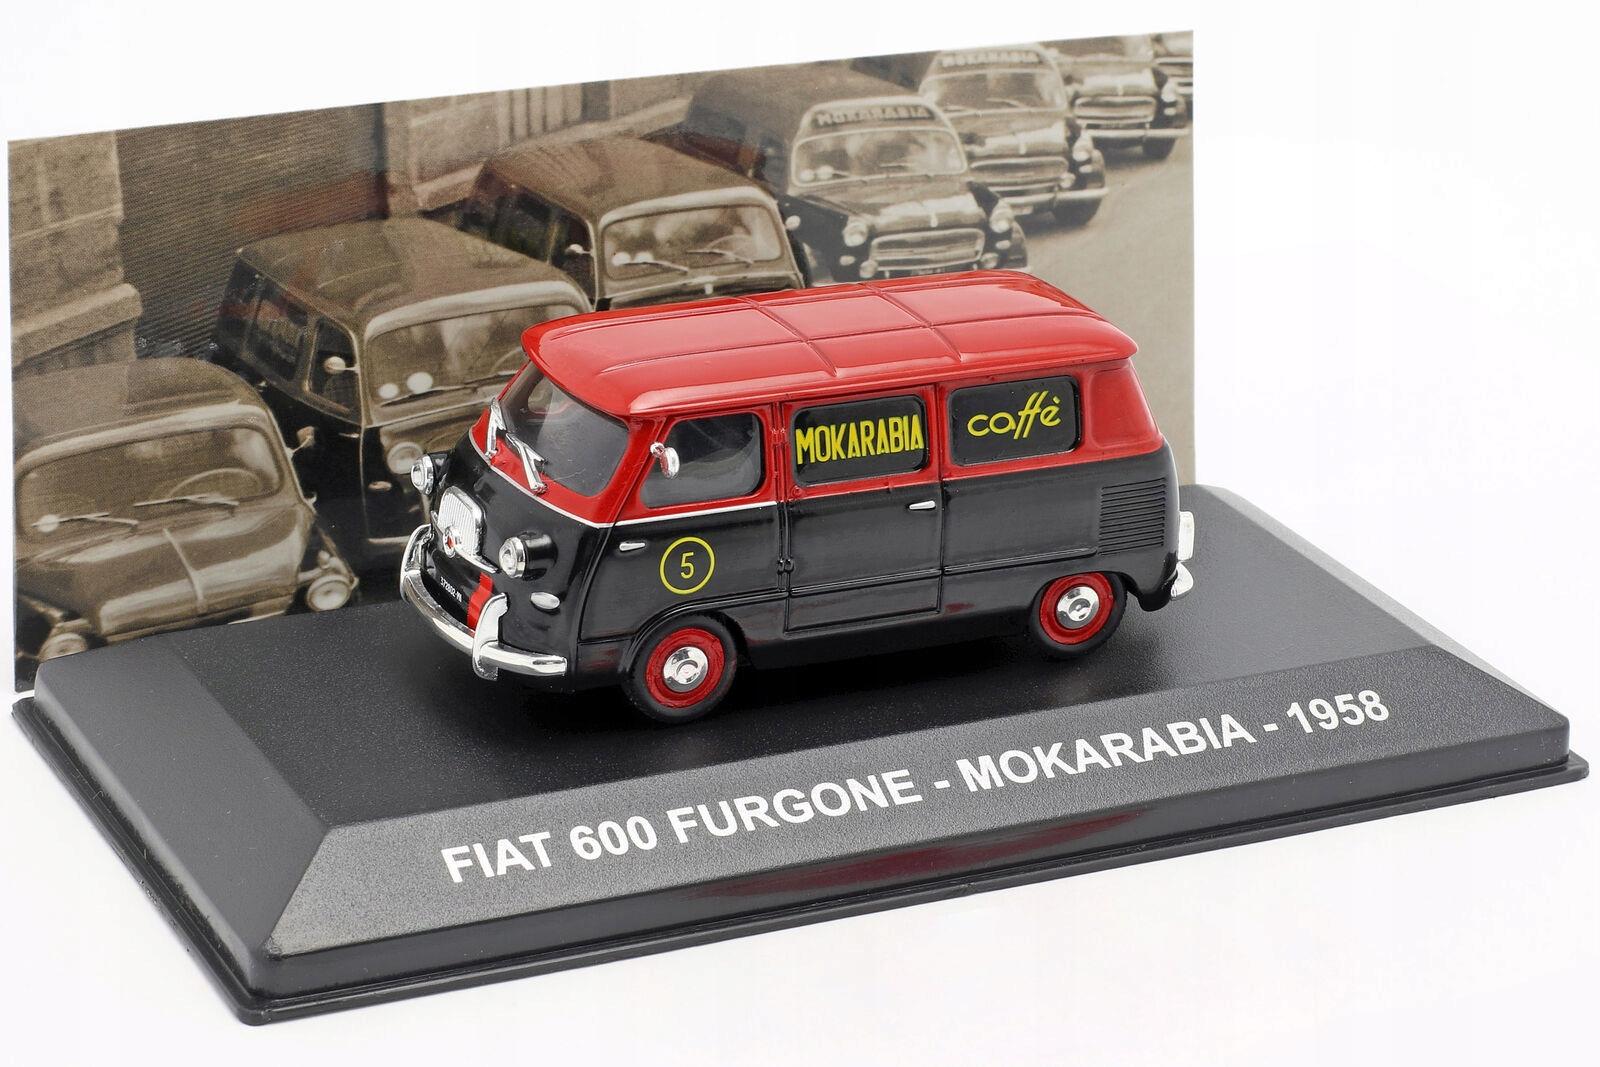 АЛТАЯ - FIAT 600 FURGON - МОКАРАБИЯ 1958 1:43